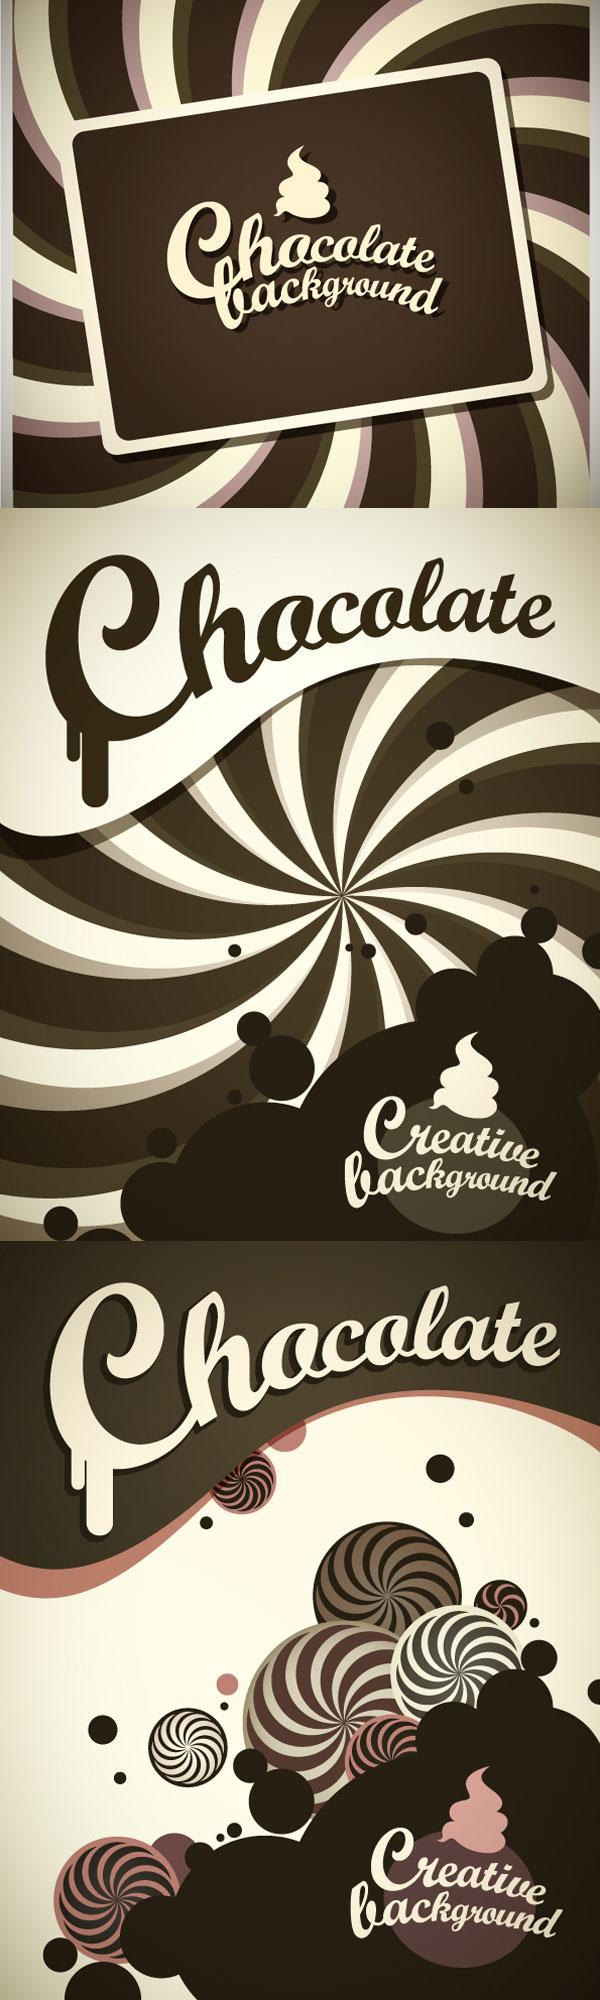 素材分类: 平面广告所需点数: 0 点 关键词: 巧克力冰激凌元素矢量图片